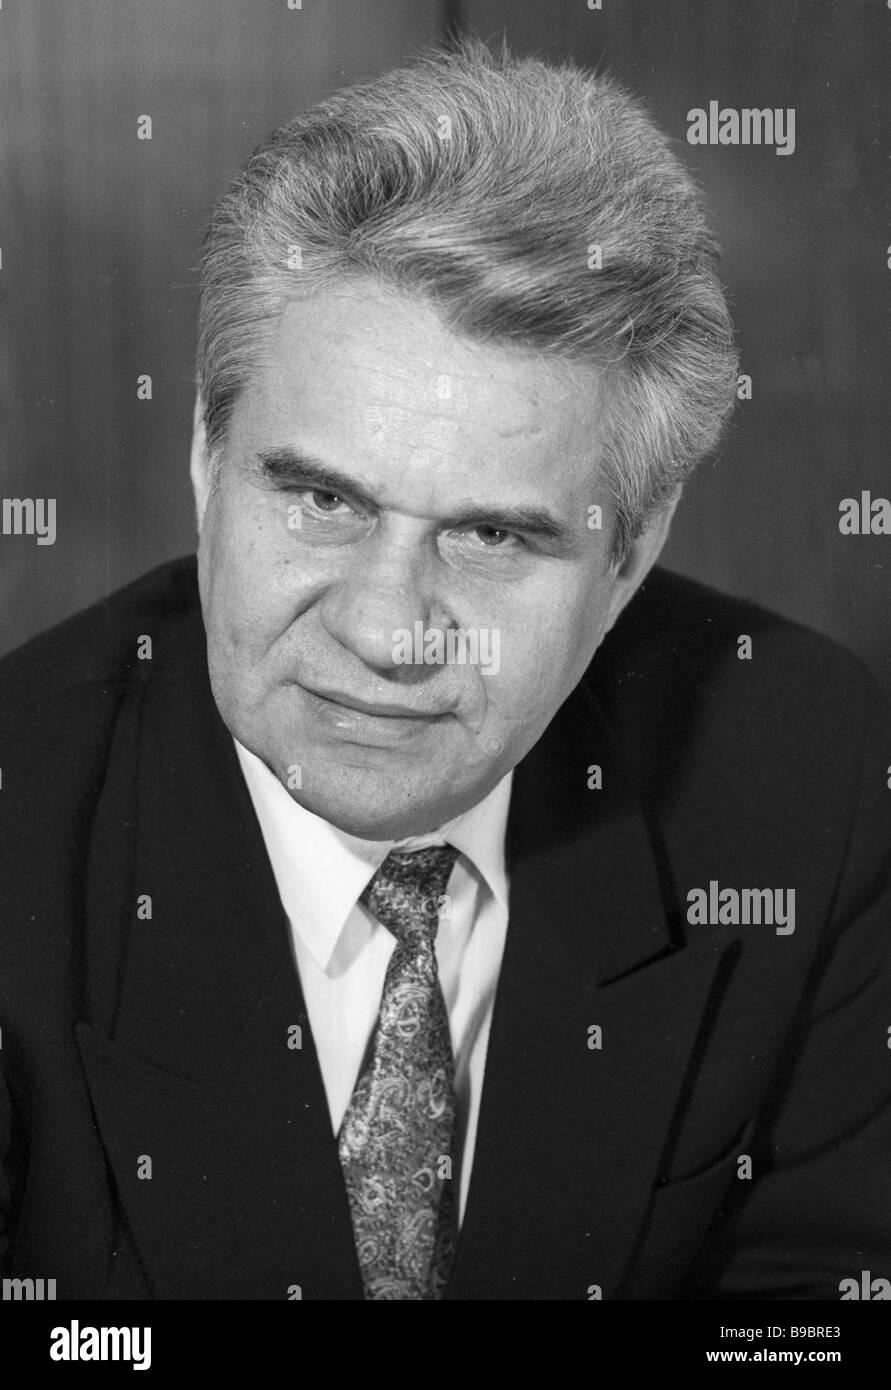 Président du Service fédéral de géodésie et cartographie Nikolai Zhdanov Photo Stock